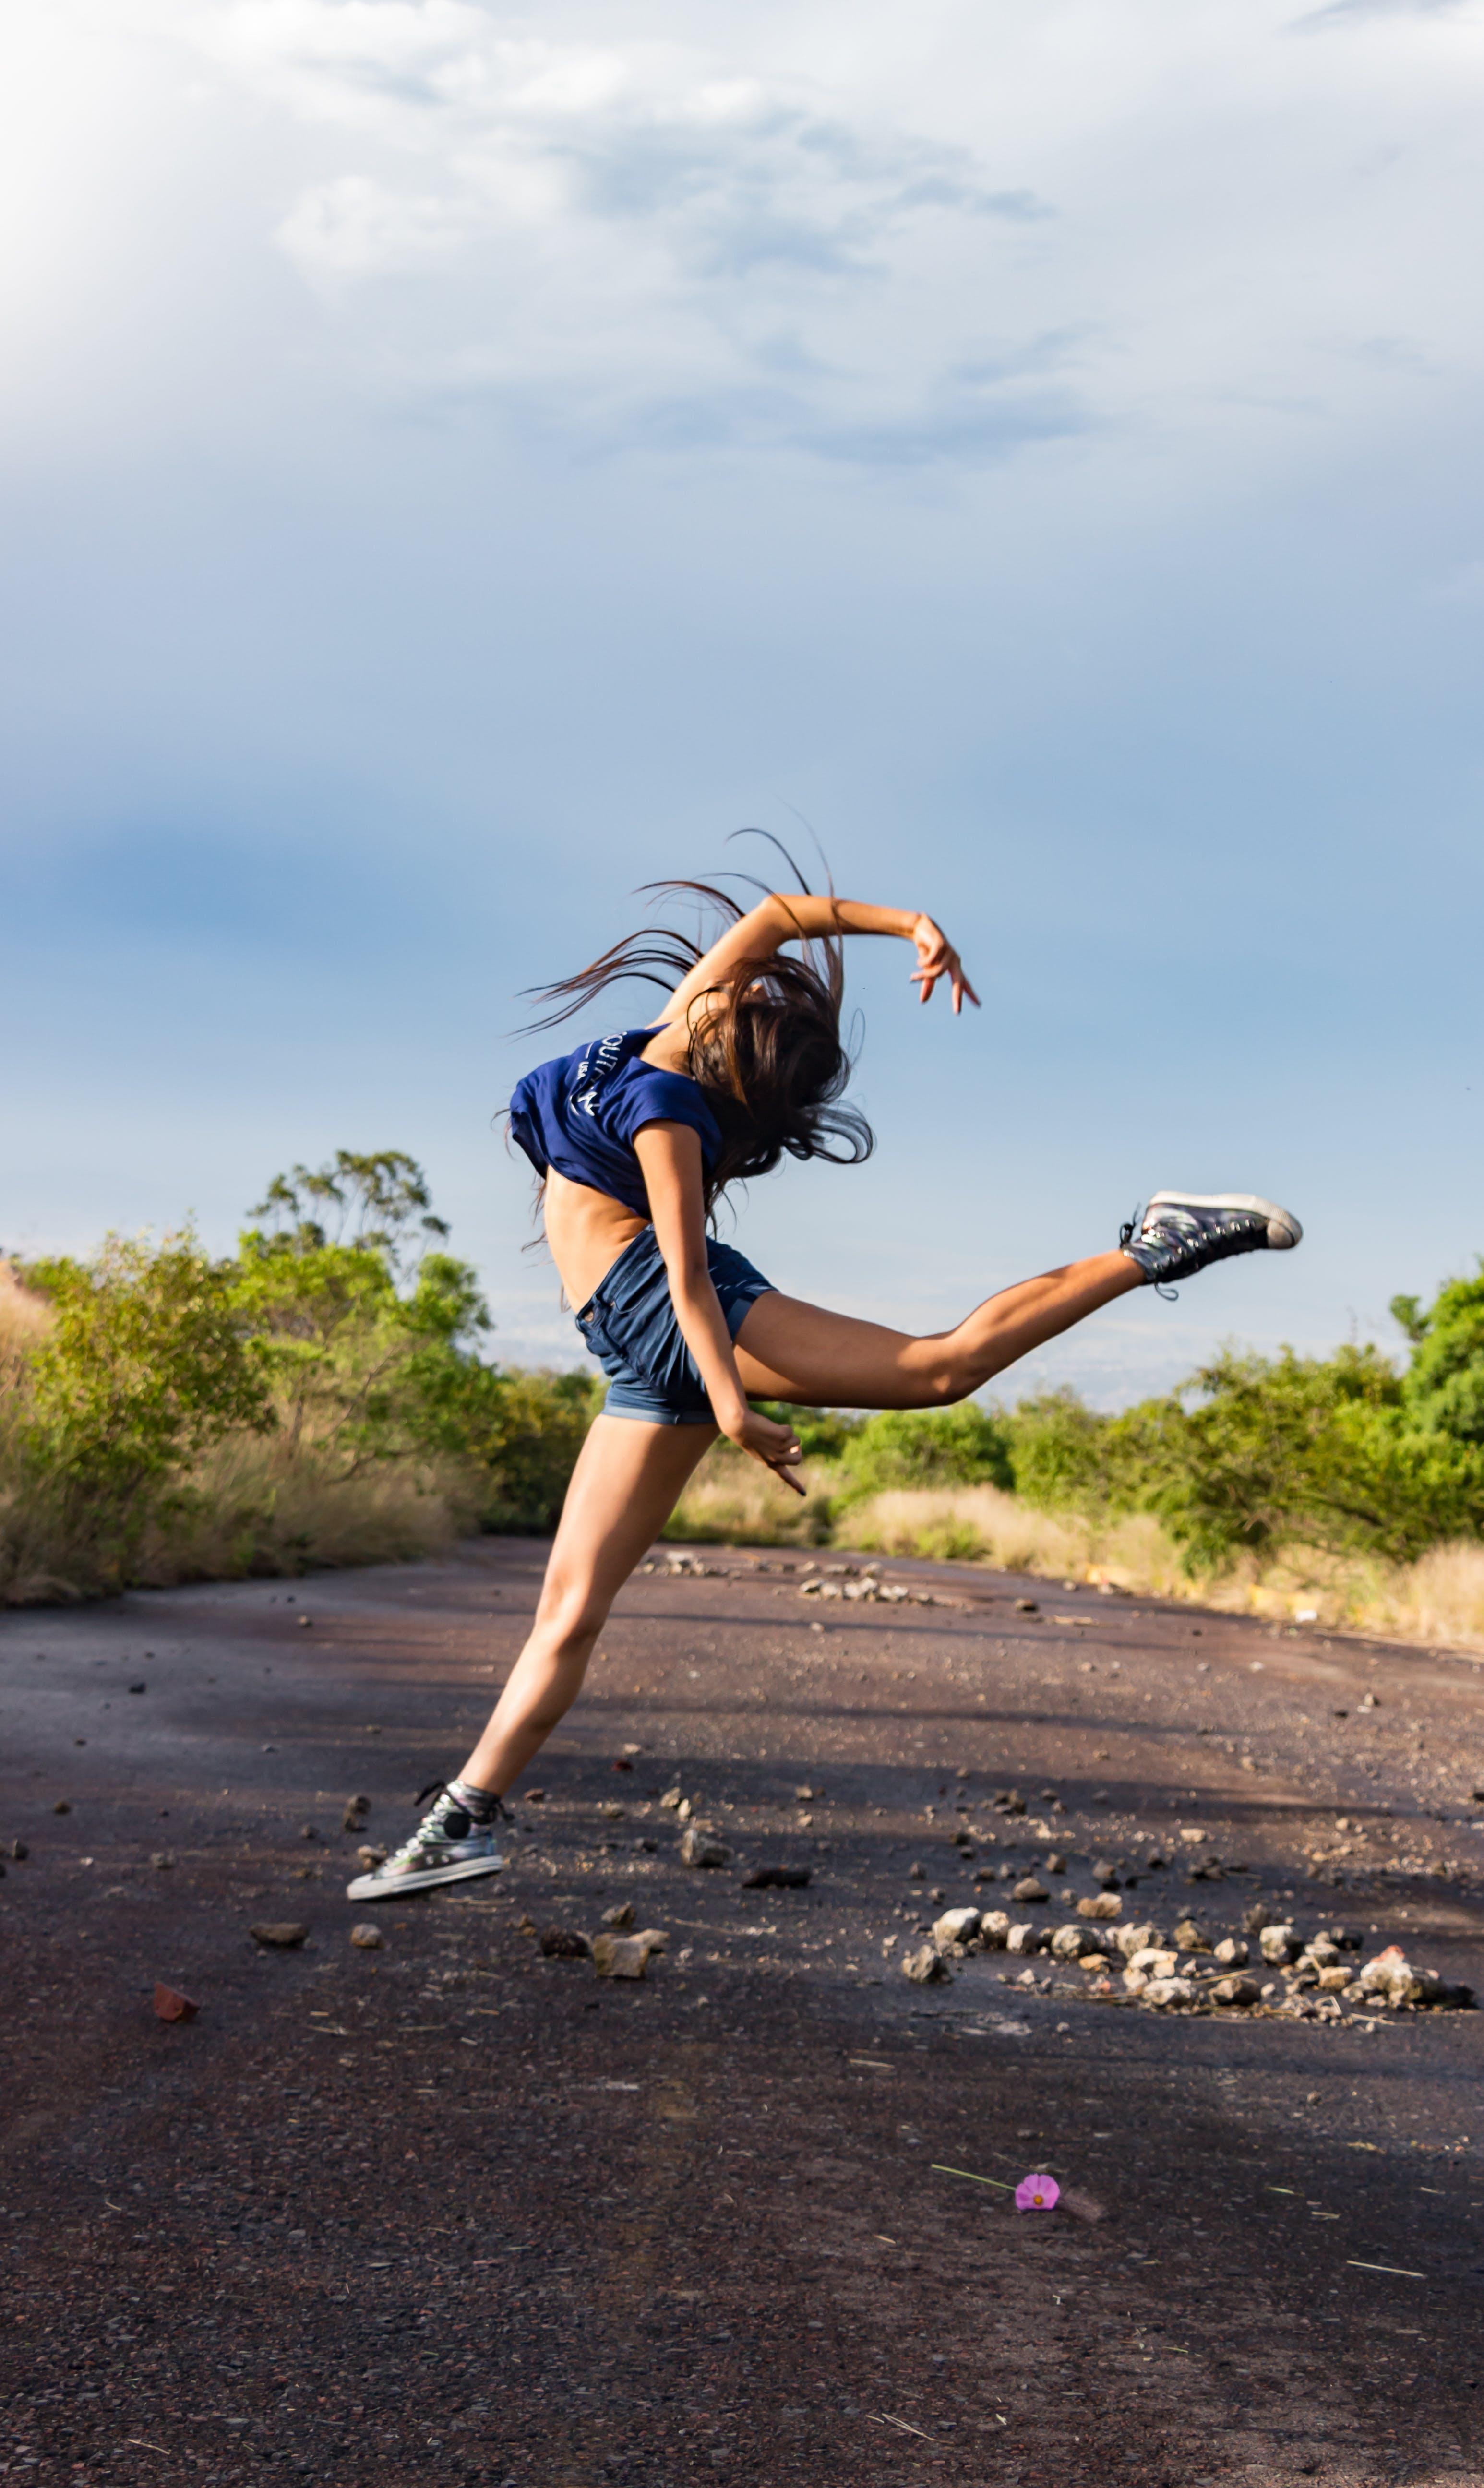 Kostenloses Stock Foto zu balletttänzer, fitnessmodel, gepflasterte straße, gymnastik